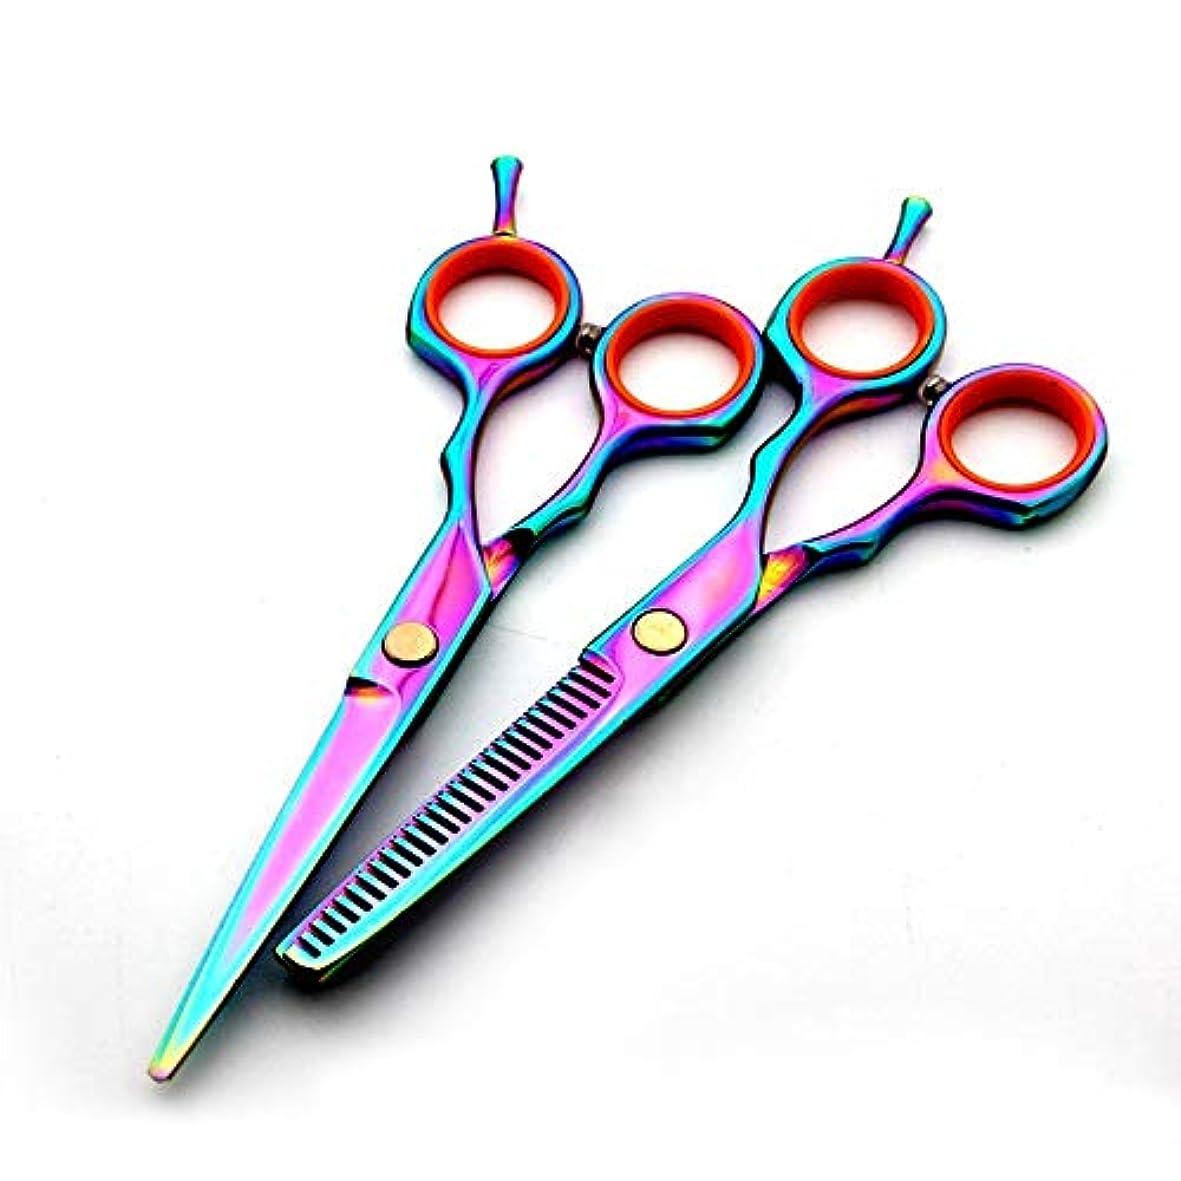 船員壊滅的な脚シザー カットシザー プロのかみそりエッジシリーズ - 理髪毛の切断と間伐/テクスチャライジングはさみ/はさみセット - 6.5(2はさみ) ヘアカット シザー